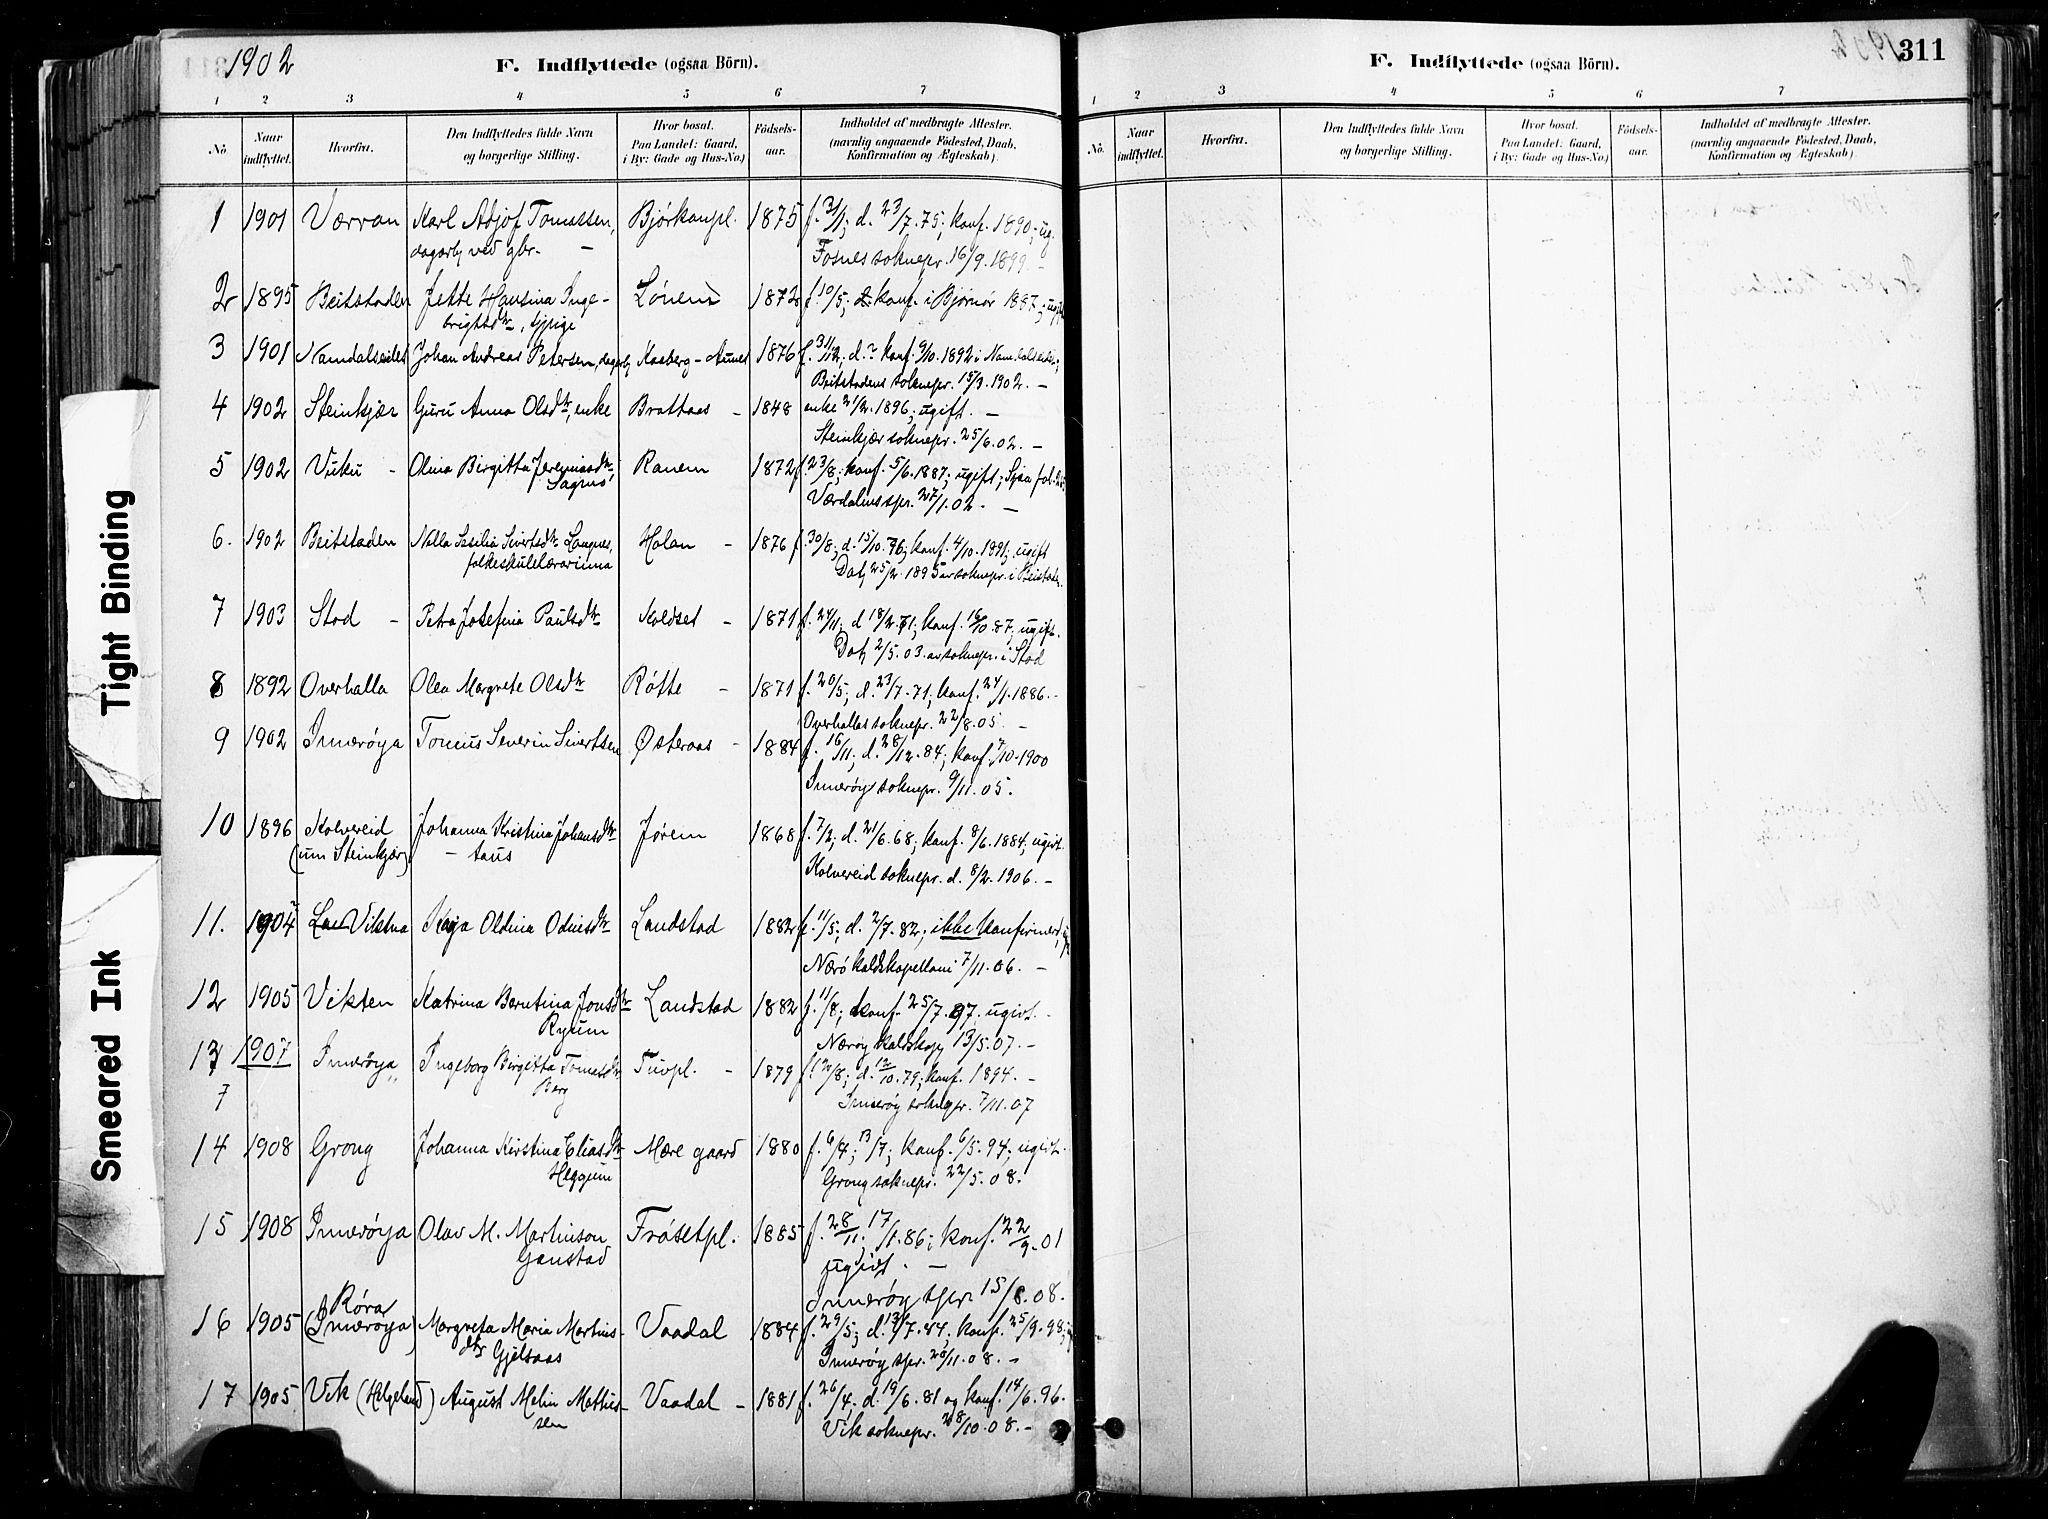 SAT, Ministerialprotokoller, klokkerbøker og fødselsregistre - Nord-Trøndelag, 735/L0351: Ministerialbok nr. 735A10, 1884-1908, s. 311